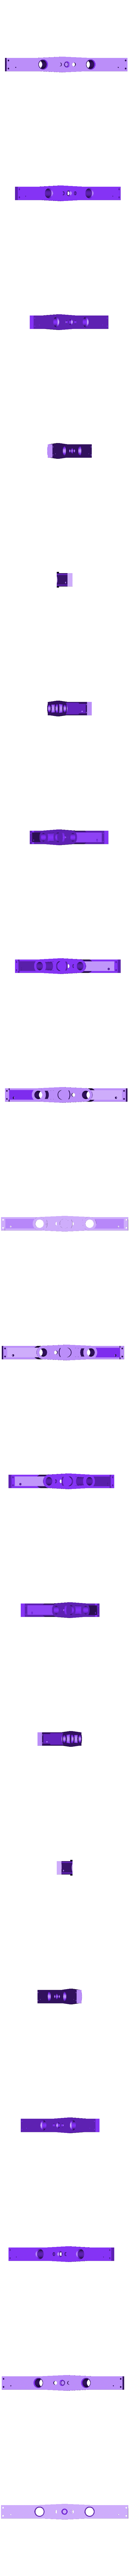 Standard_with_12mm_rail.stl Télécharger fichier STL gratuit Système de support de lit TronXY X5S & SA • Design imprimable en 3D, Exerqtor